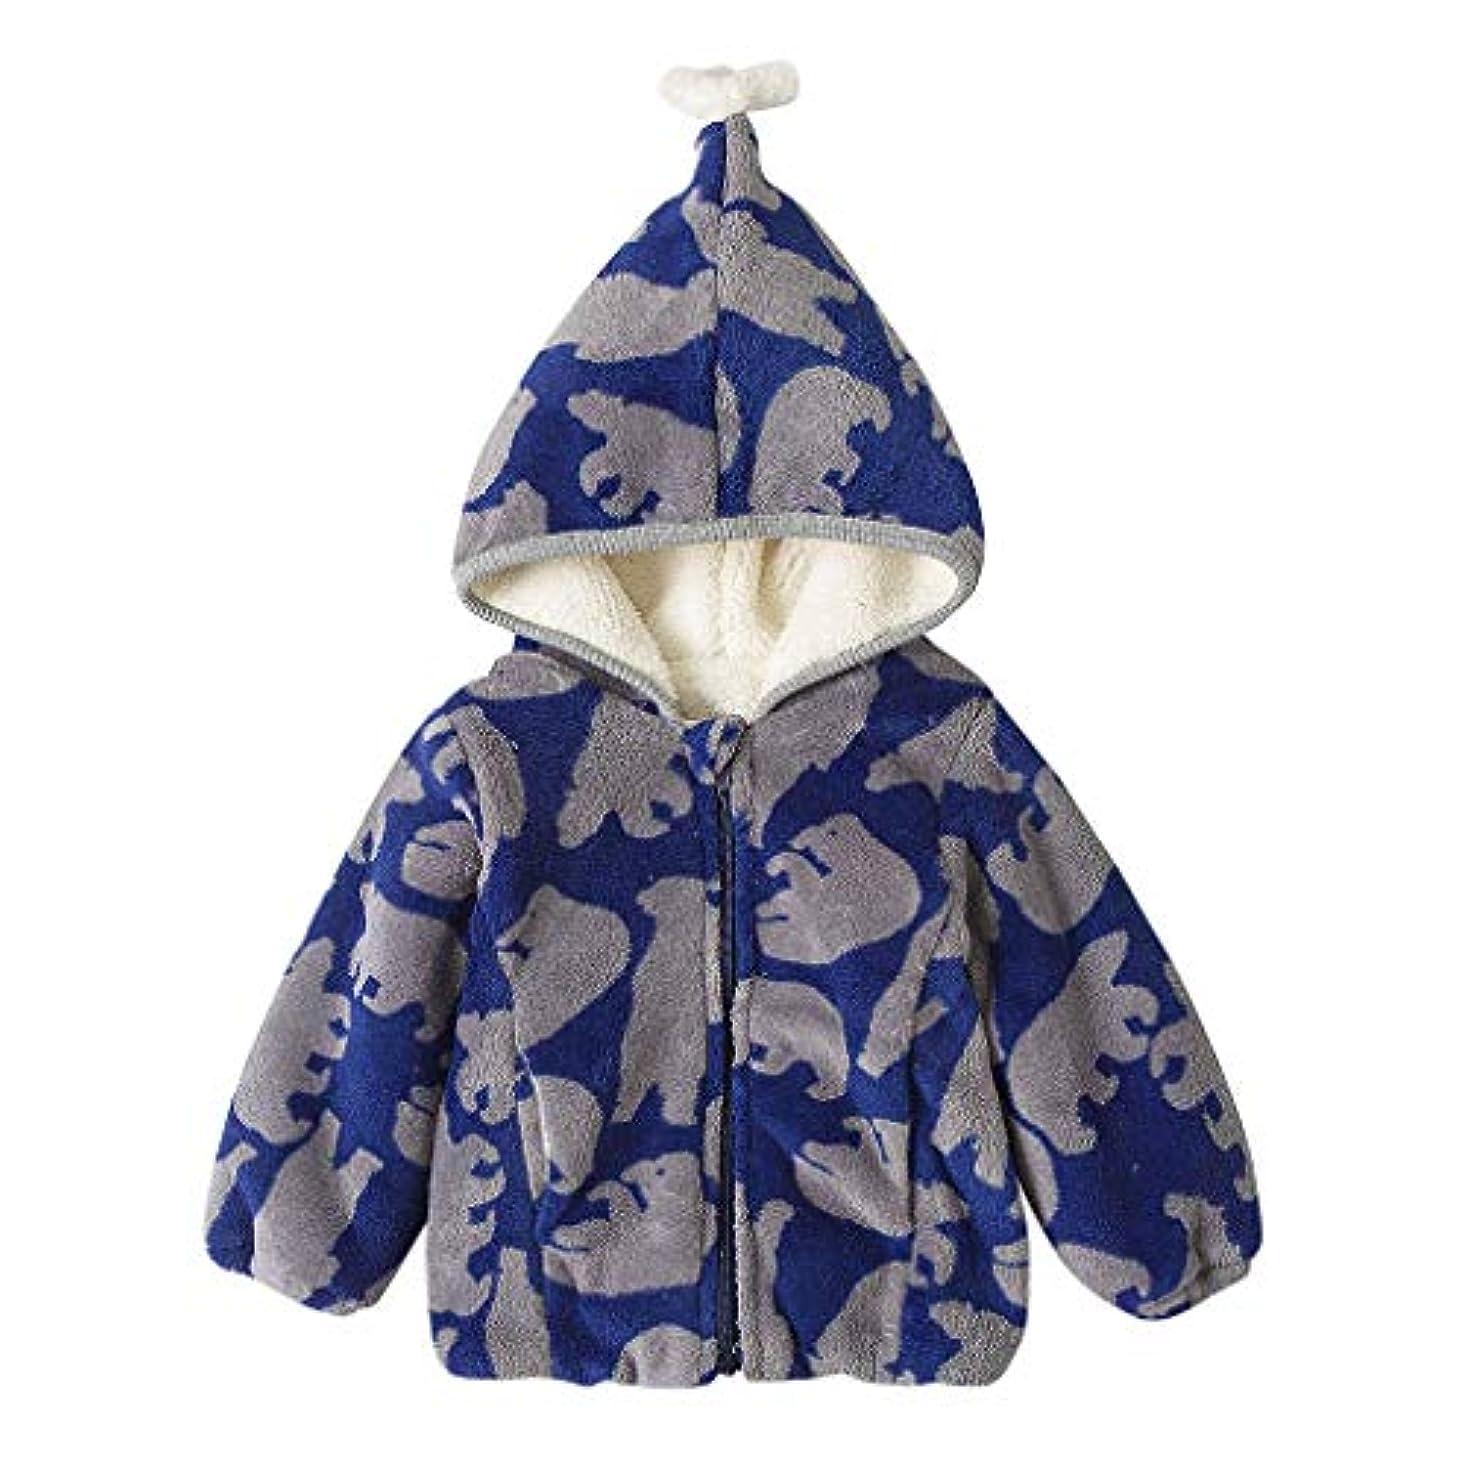 ここにサラミ自動化かわいい柄あたたかい男の子女の子赤ちゃん冬コートジャケット子供ジップ厚いスノースーツパーカーオーバーコート屋外かわいいルースソフト快適なブラウストップス